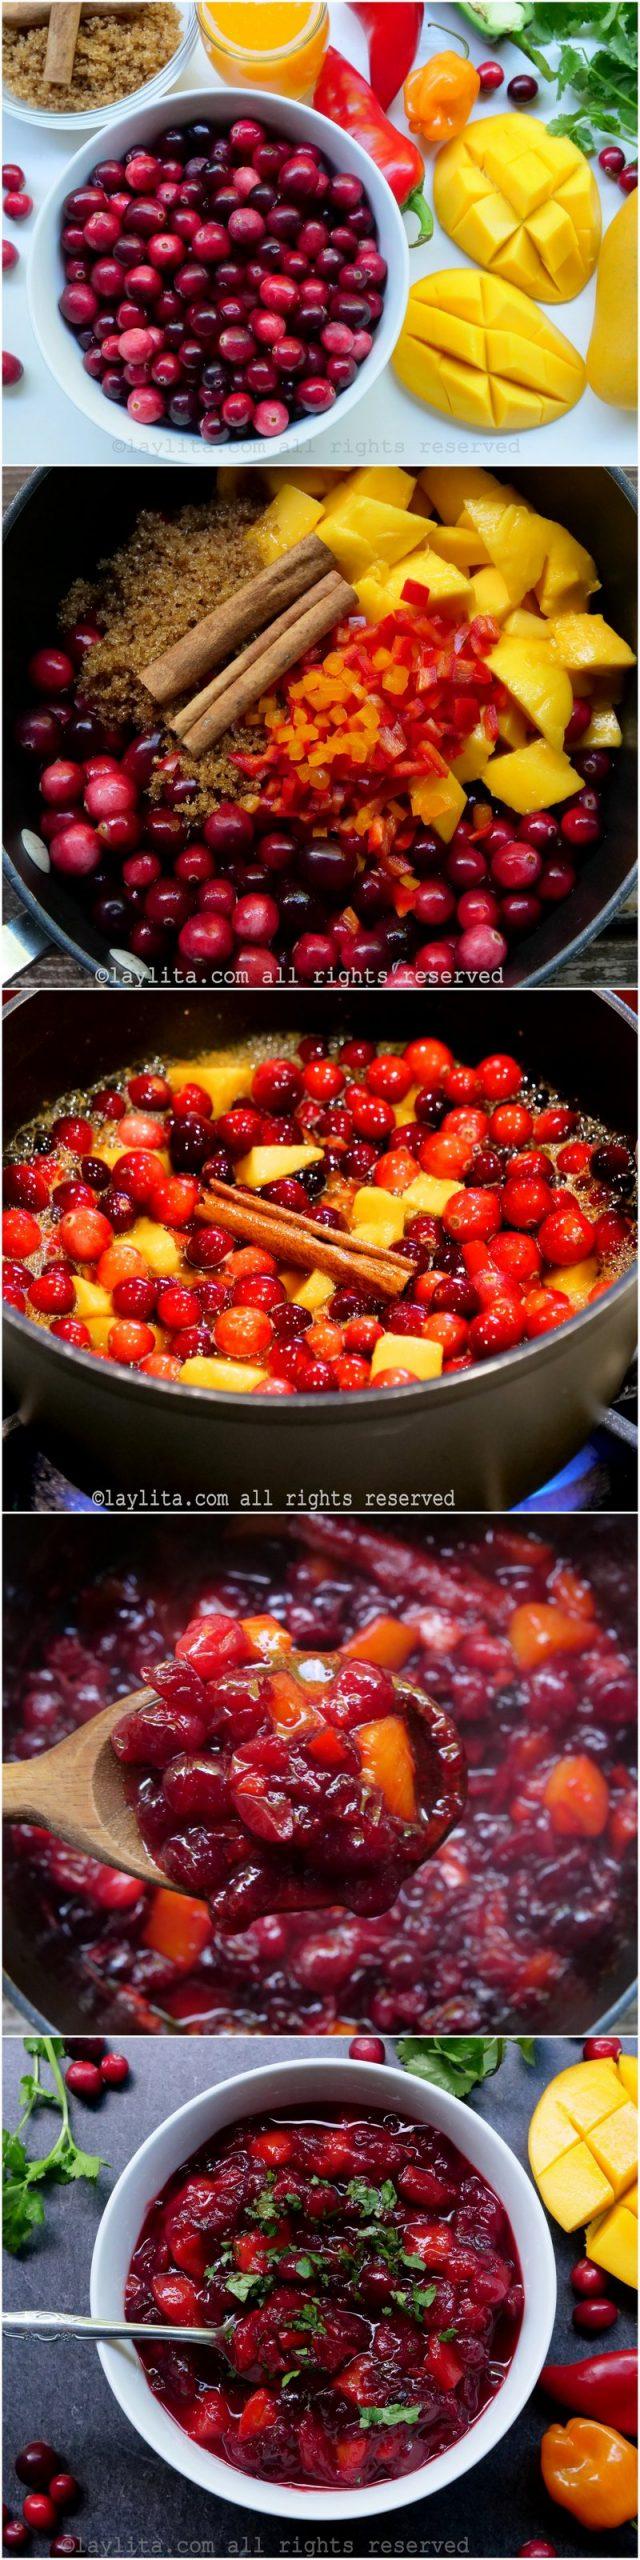 Como preparar la salsa de arandanos rojos con mango